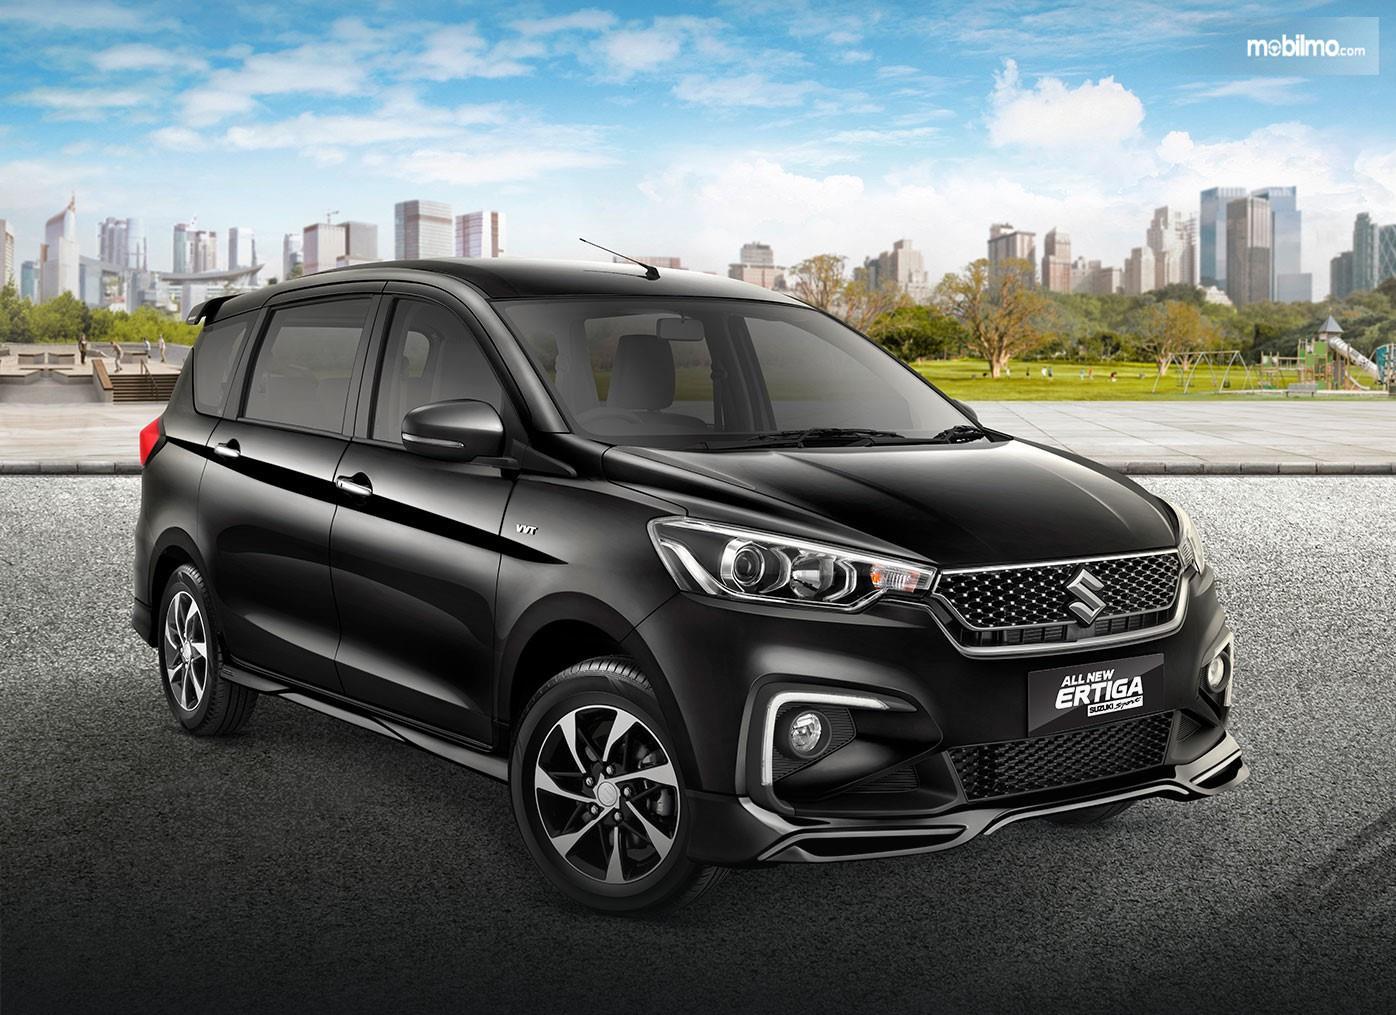 Foto menunjukkan All New Ertiga Suzuki Sport dengan balutan warna hitam